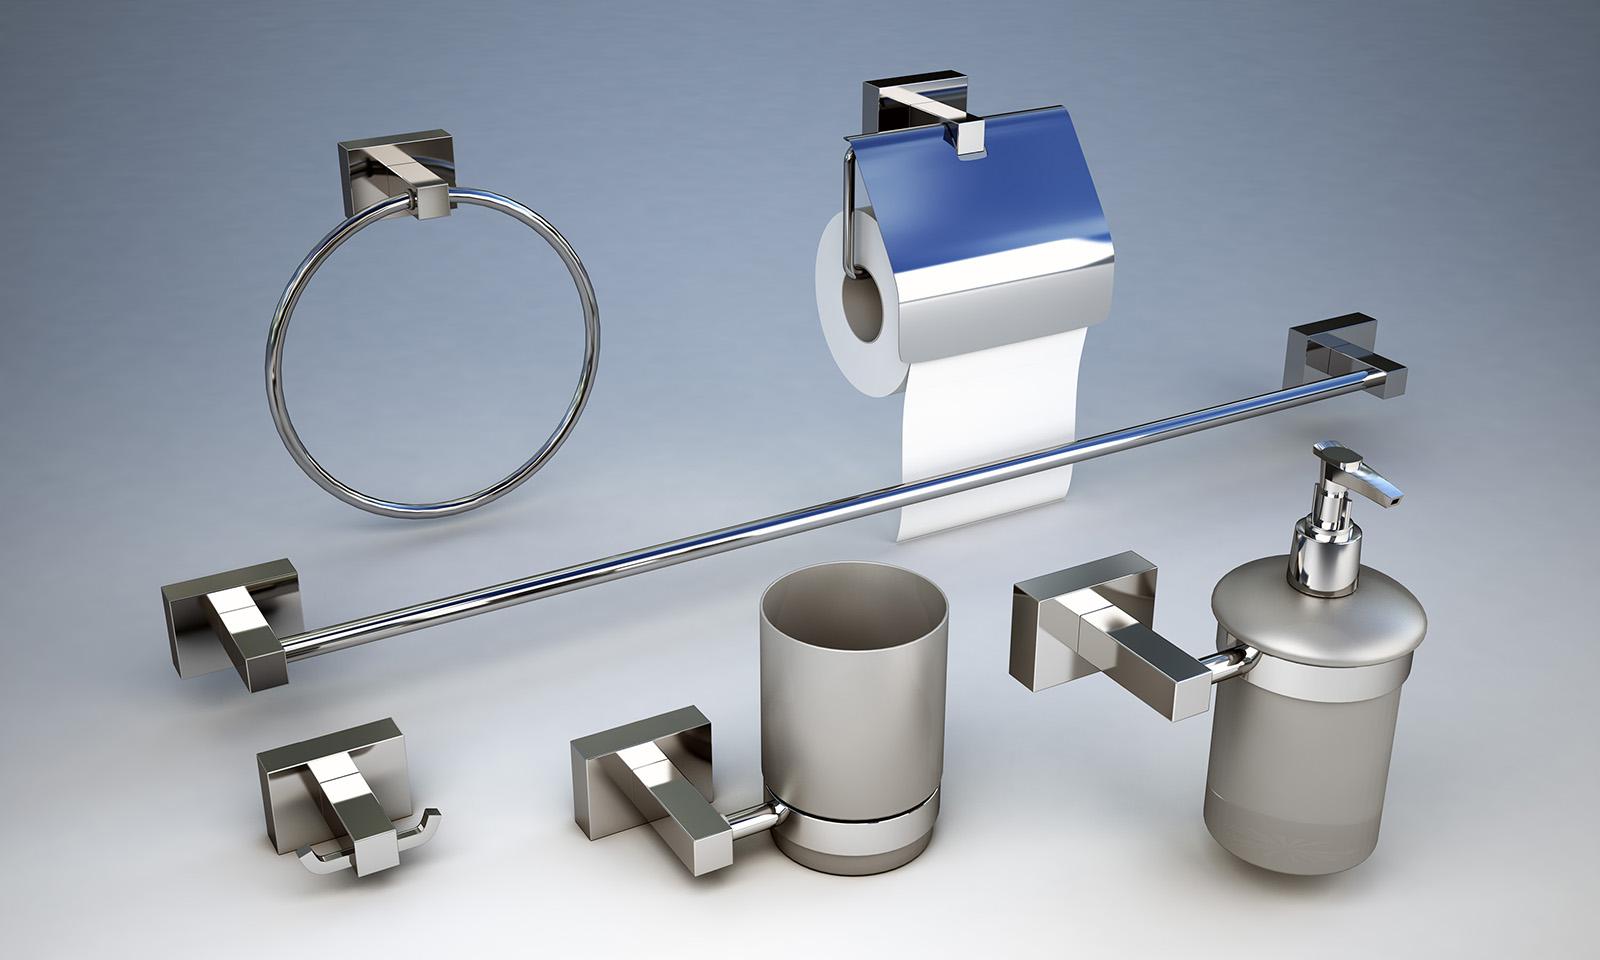 Producto 3d arquitectura y 3d valencia ardis3d - Accesorios bano valencia ...